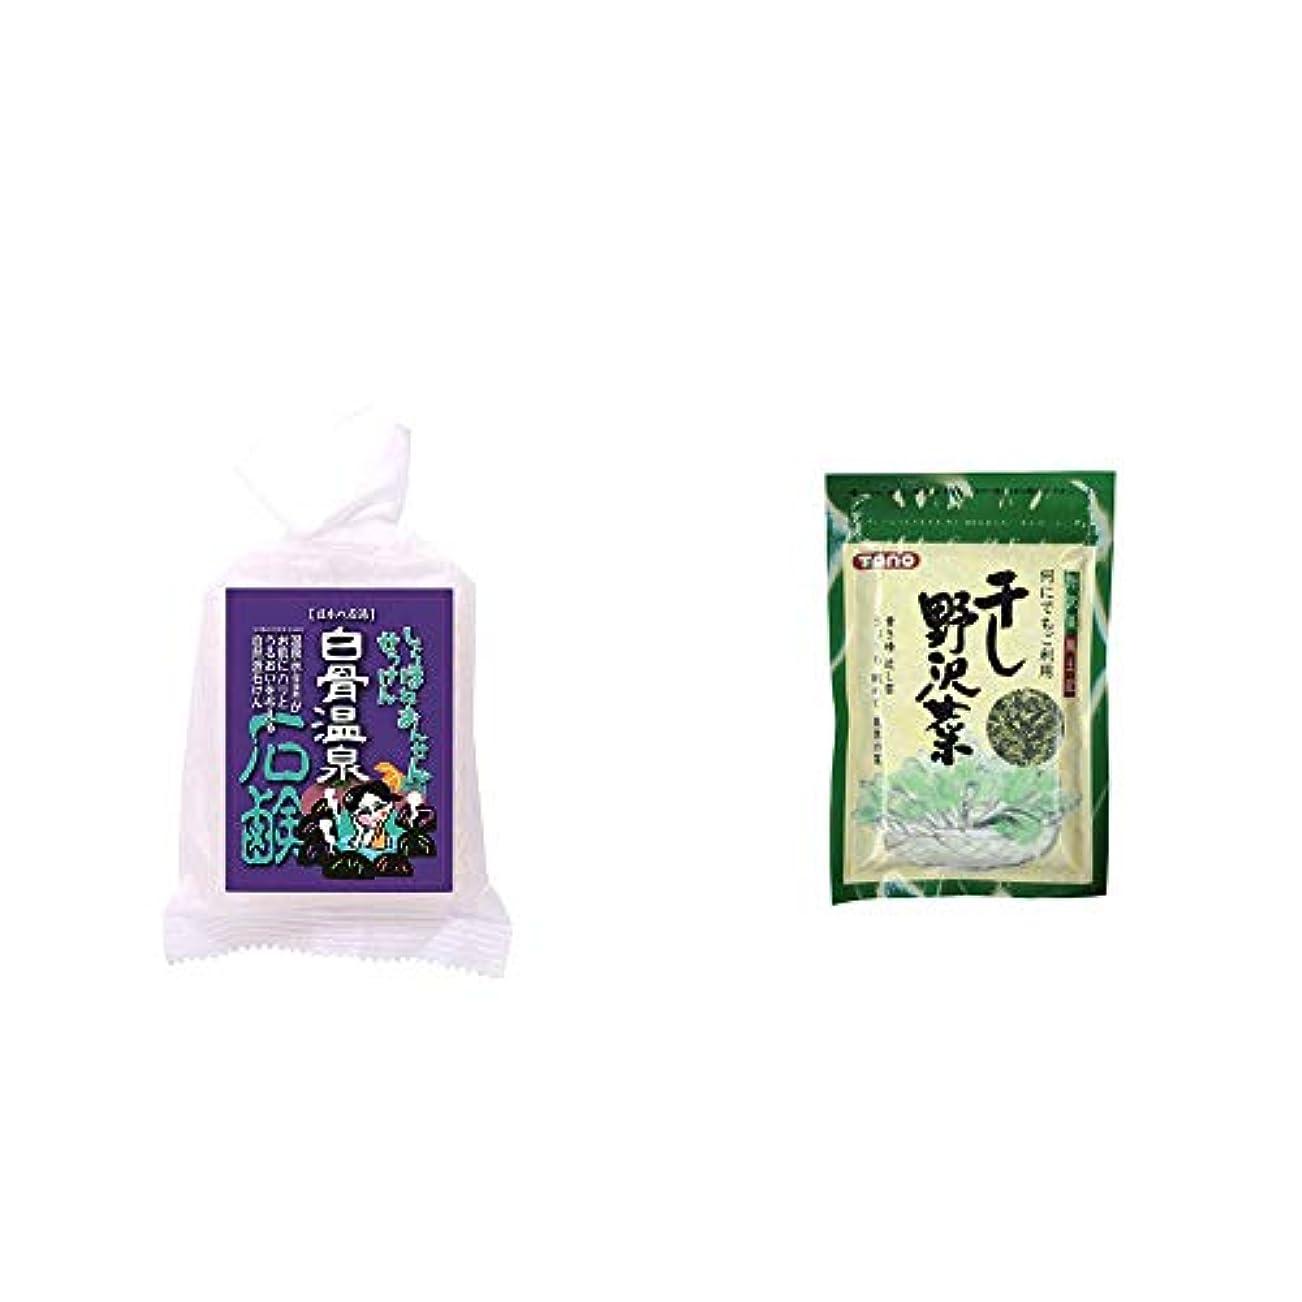 石炭トーストグレード[2点セット] 信州 白骨温泉石鹸(80g)?干し野沢菜(100g)